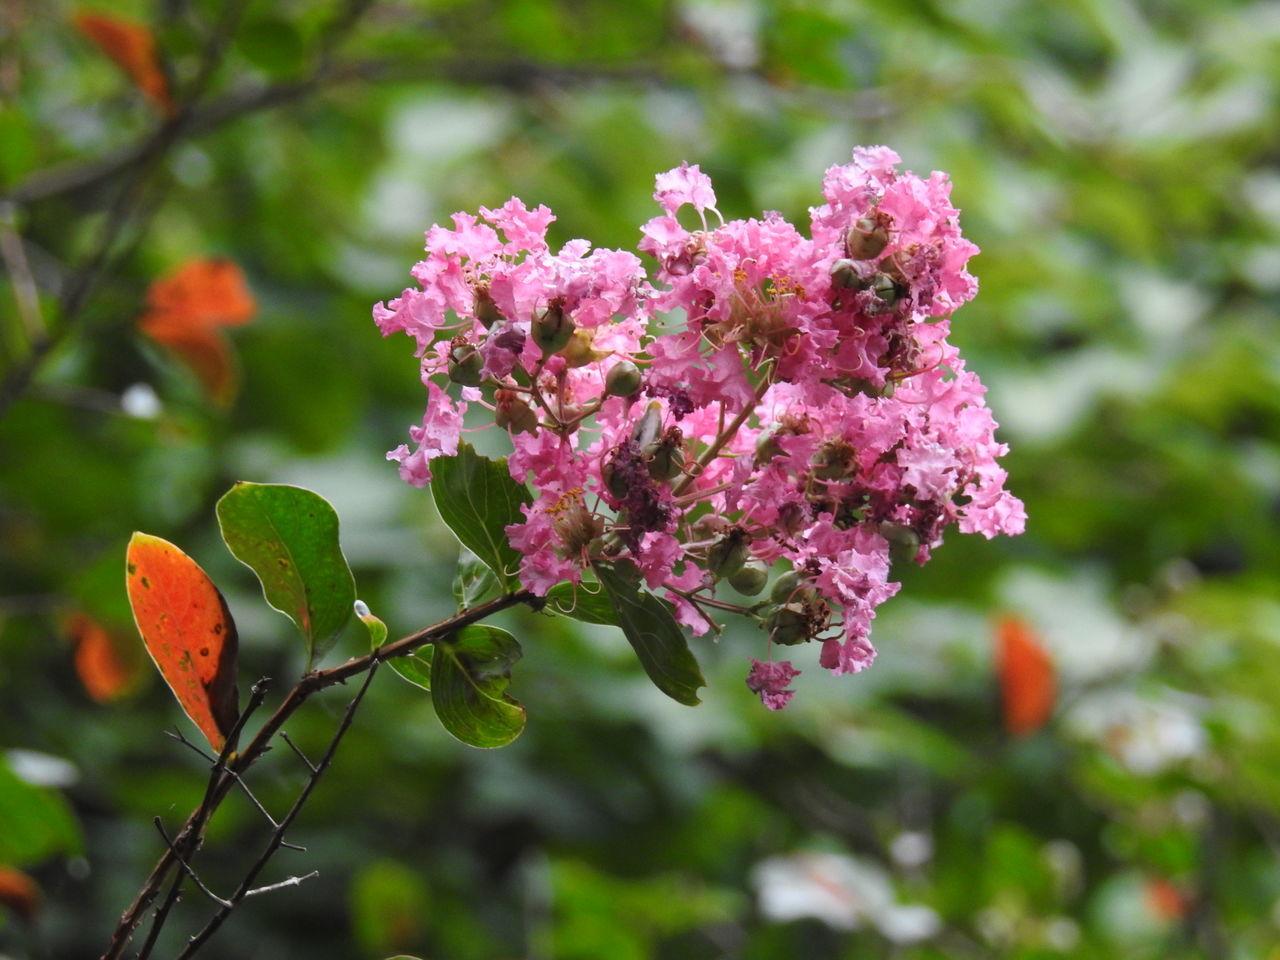 百日紅の花まだ頑張ってた😄 Flower Beautiful Relaxing Autumn🍁🍁🍁 Pink Color Beauty In Nature EyeEmFlower EyeEm Gallery Flowerporn Kitakyushu Mytown Japan